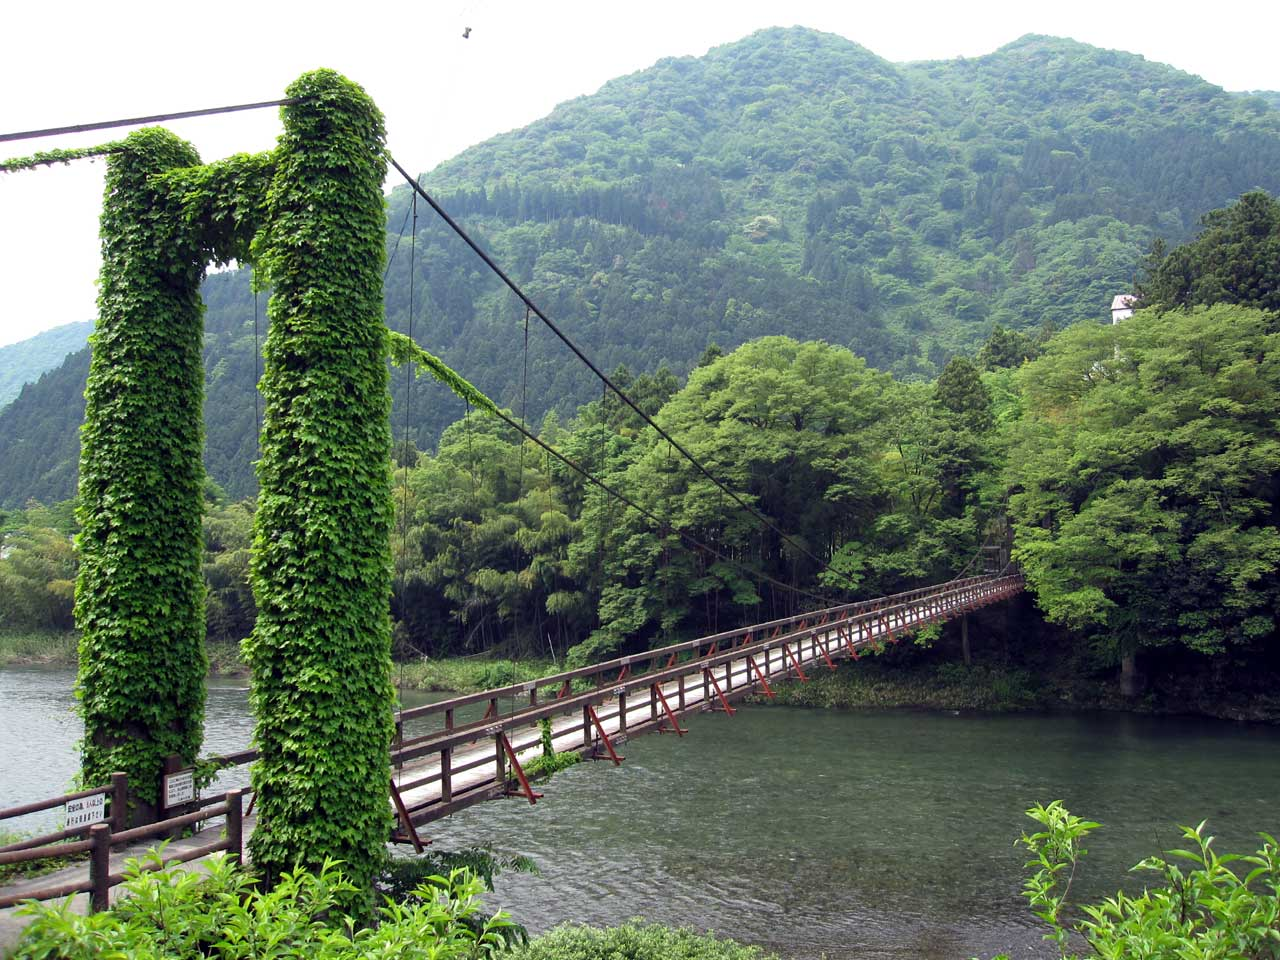 つり橋 الجسور المعلقة في اليابان つり橋